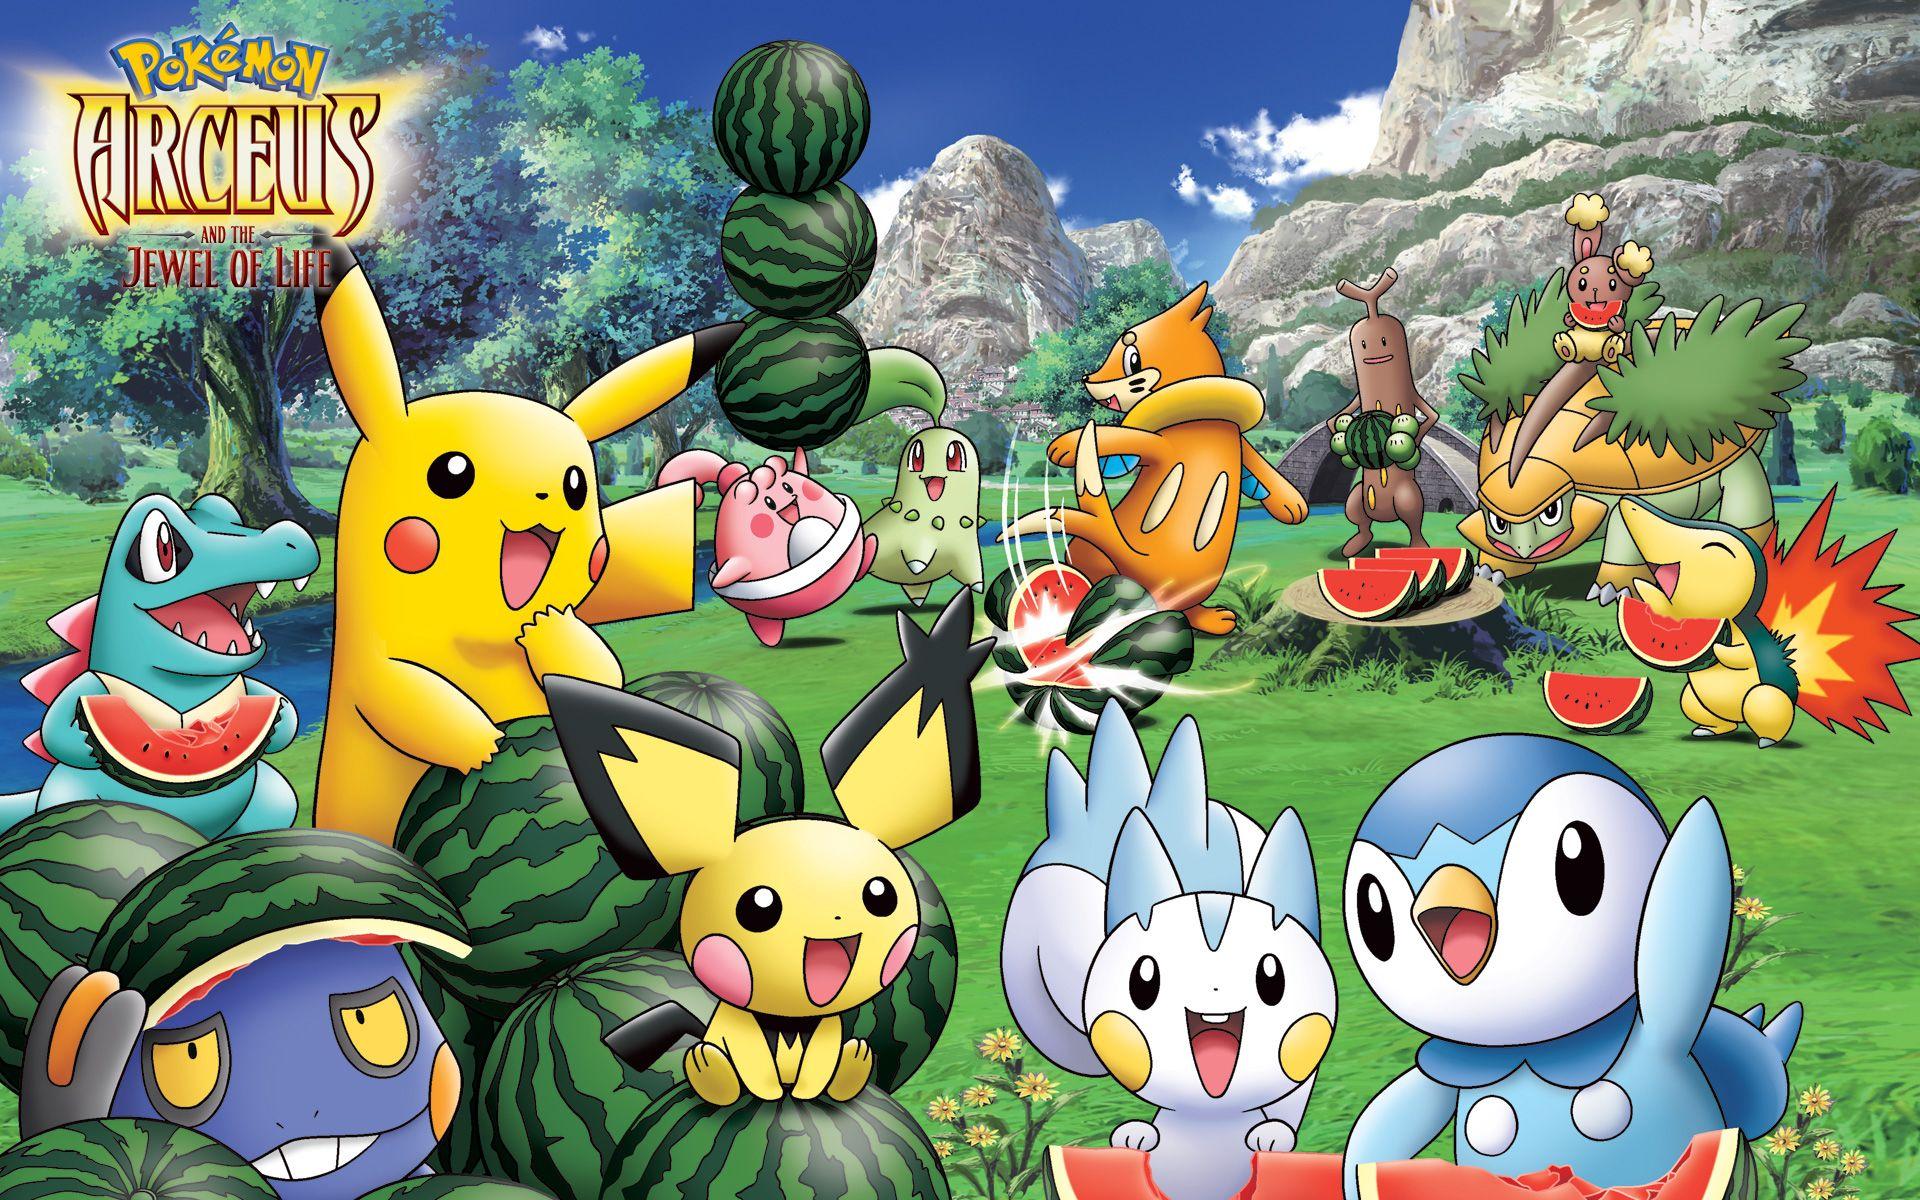 Pokemon Wallpaper For Computer Pokemon Images Pokemon Anime Wallpaper